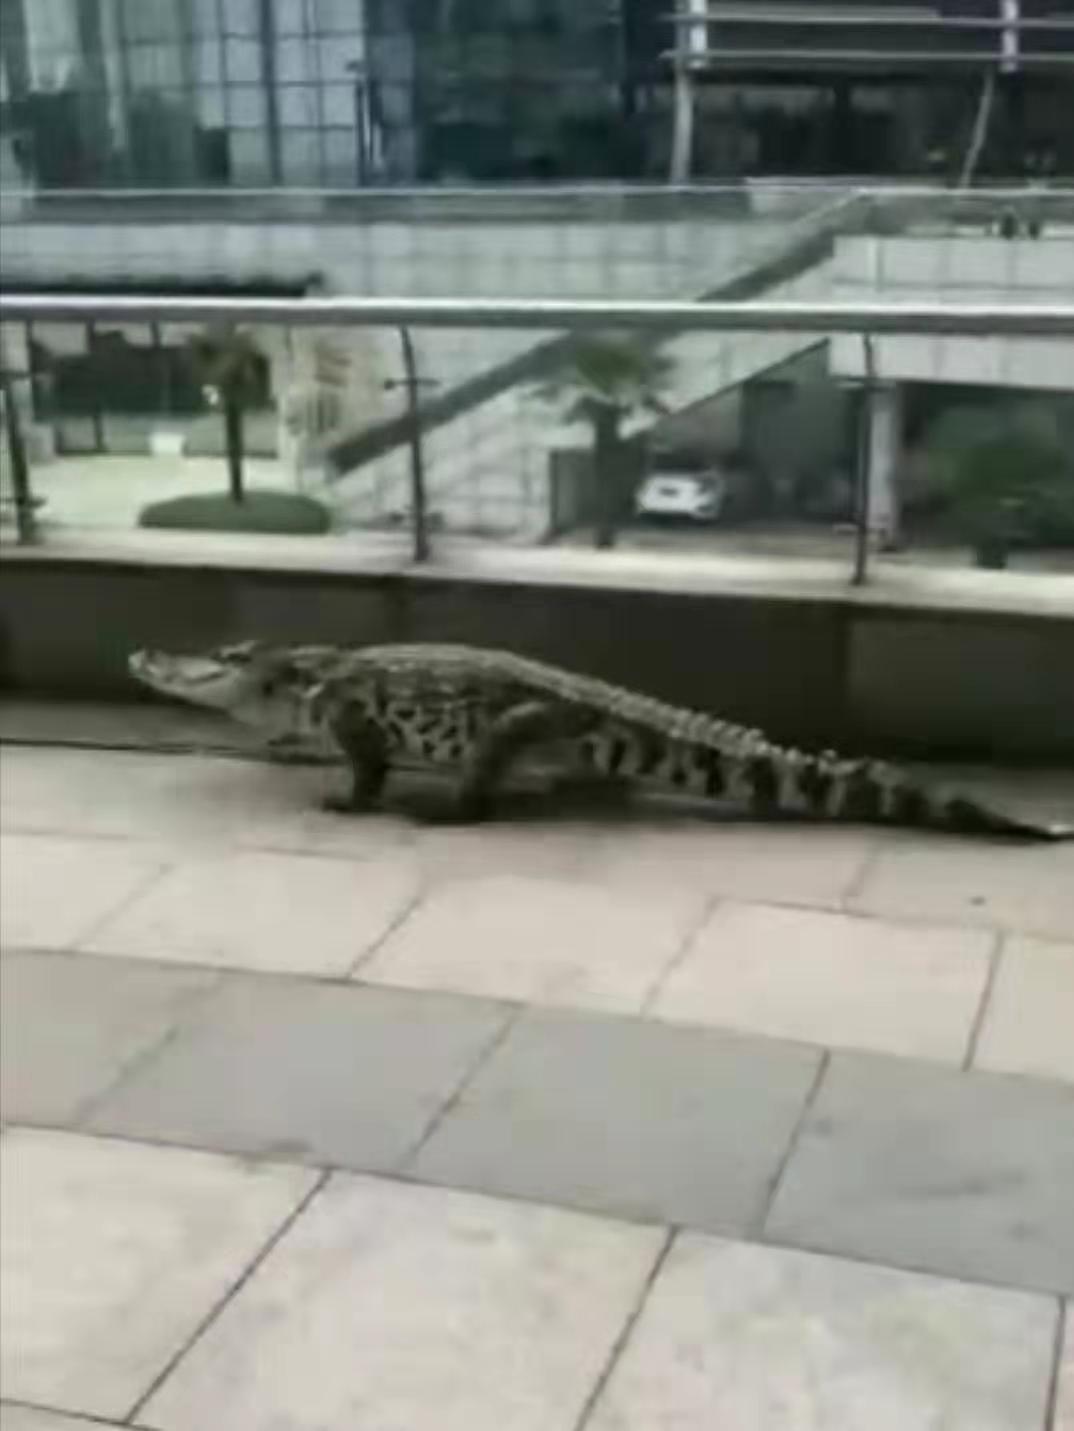 安徽芜湖因长江涨水有鳄鱼上岸?实为娱乐场合演出鳄鱼